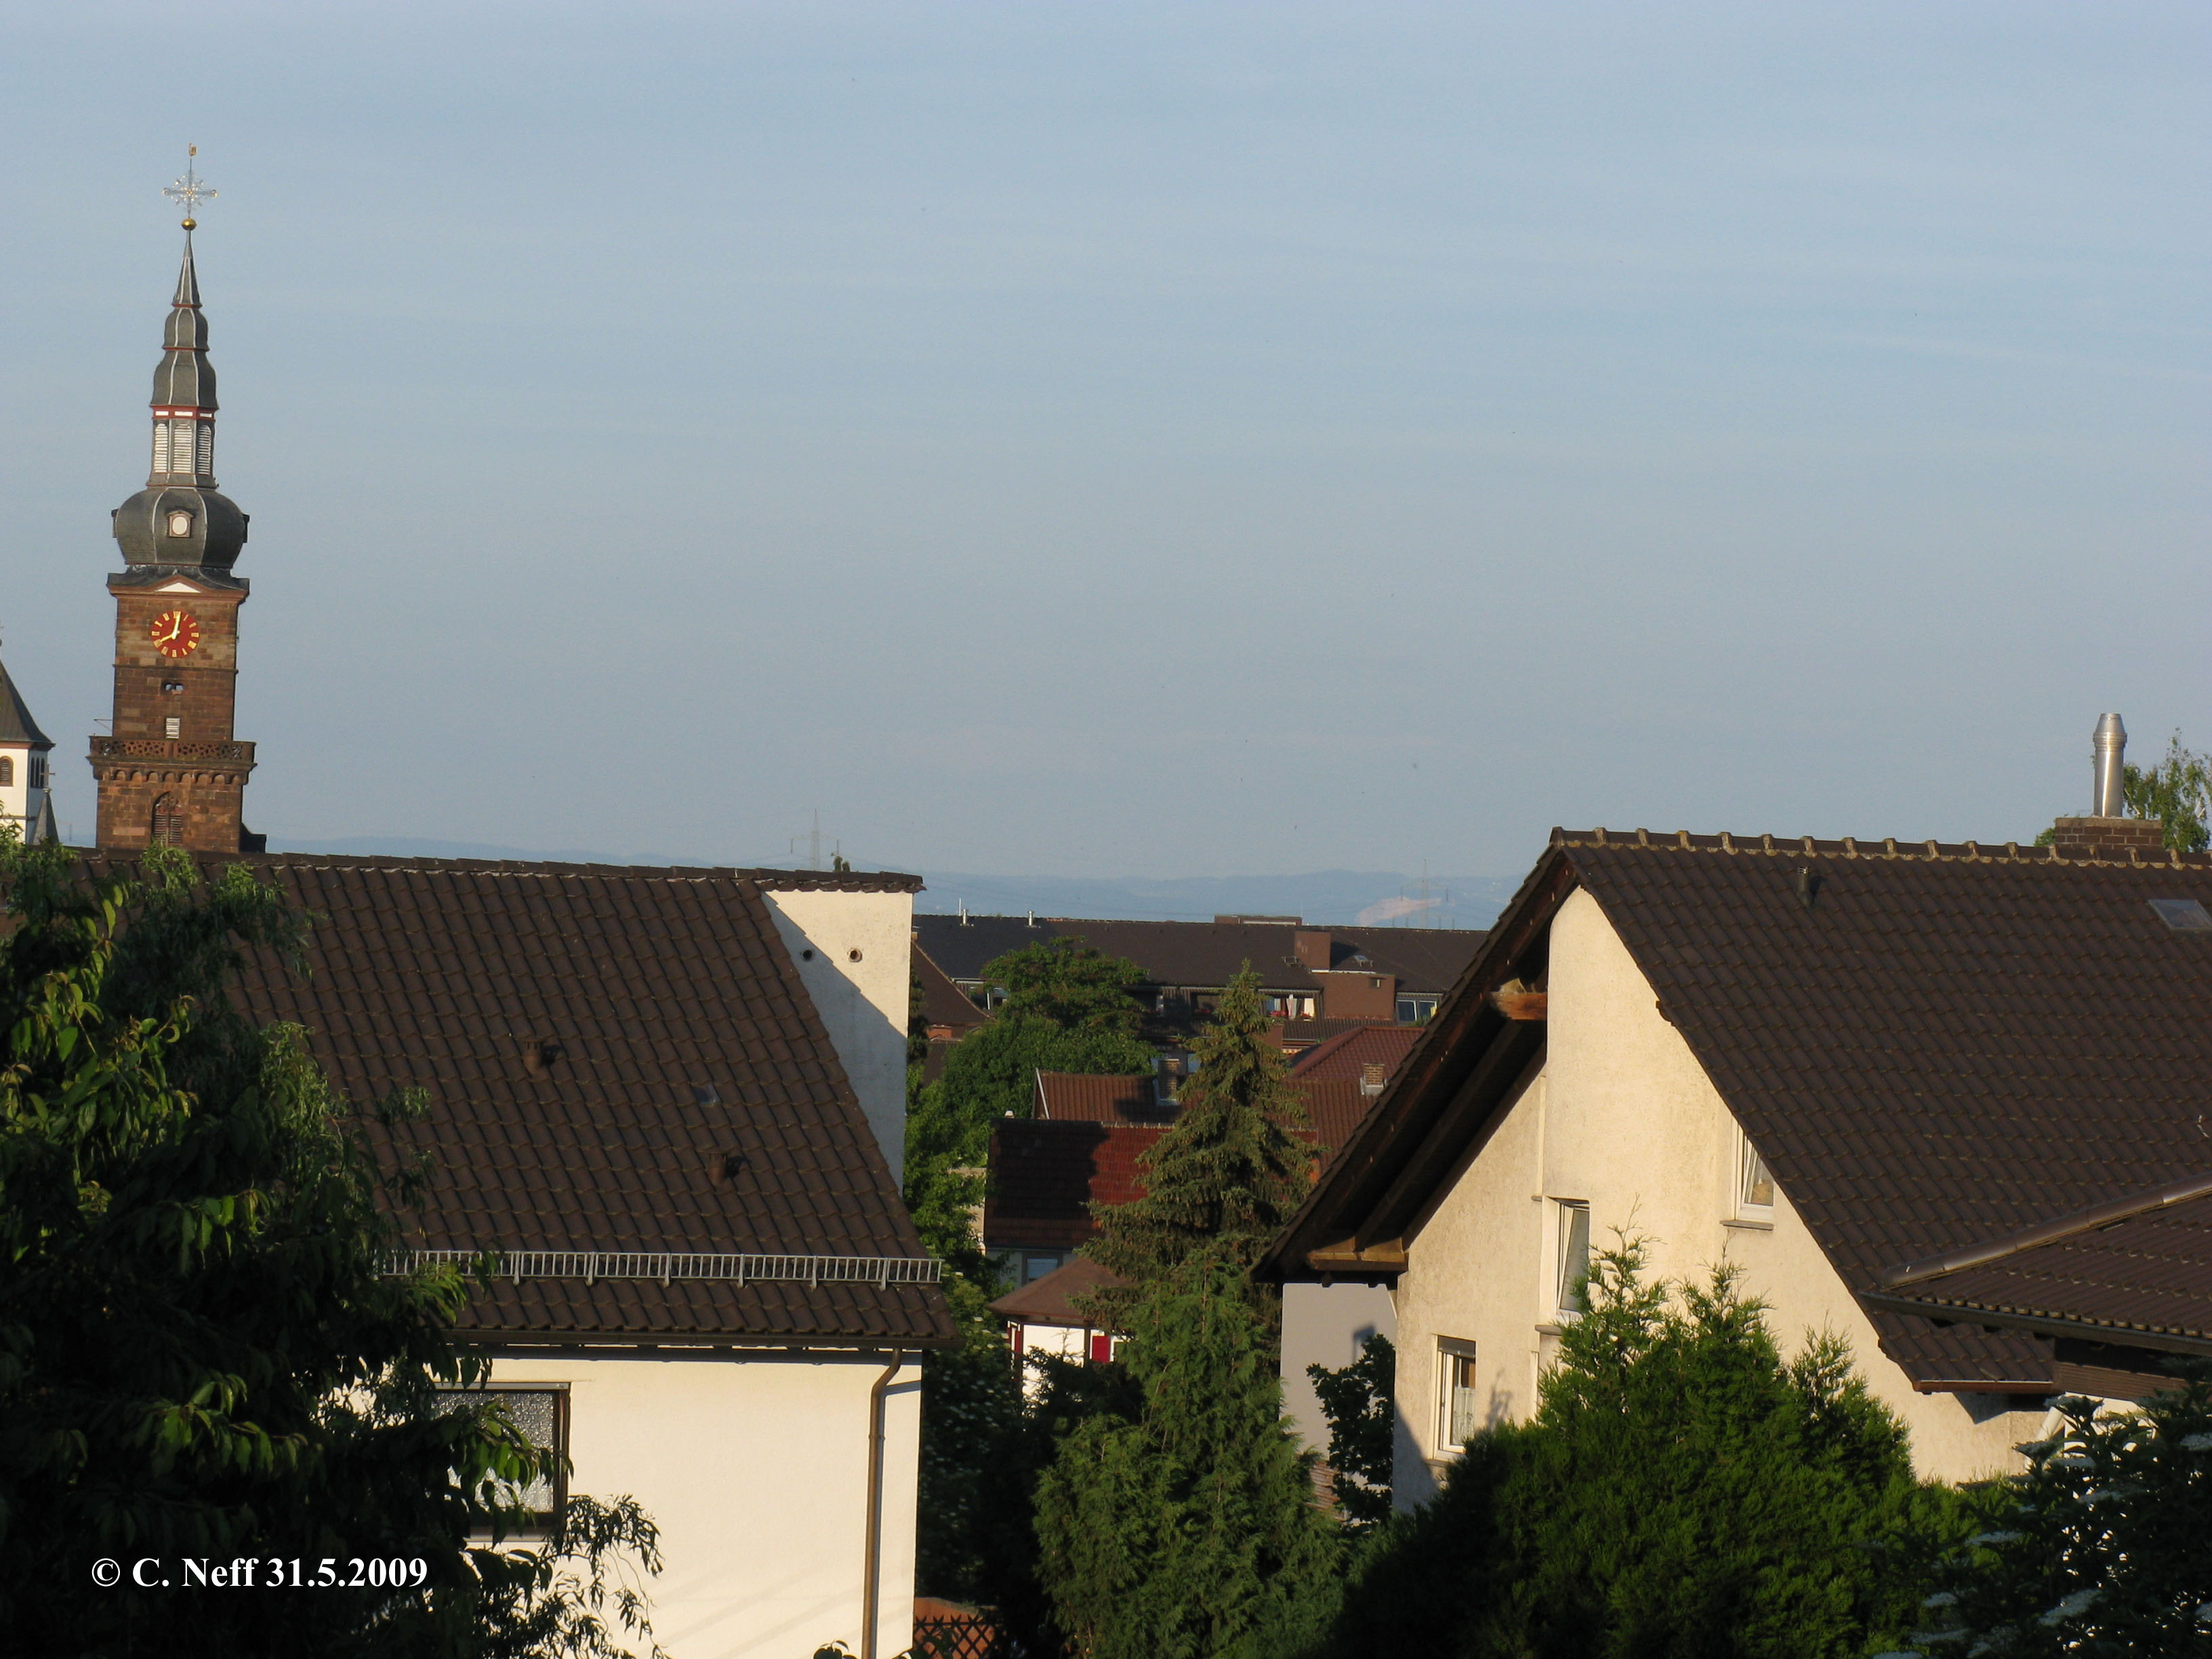 abendlicher Blick über die Dächer von Grünstadt auf den Odenwald 31.5.2009